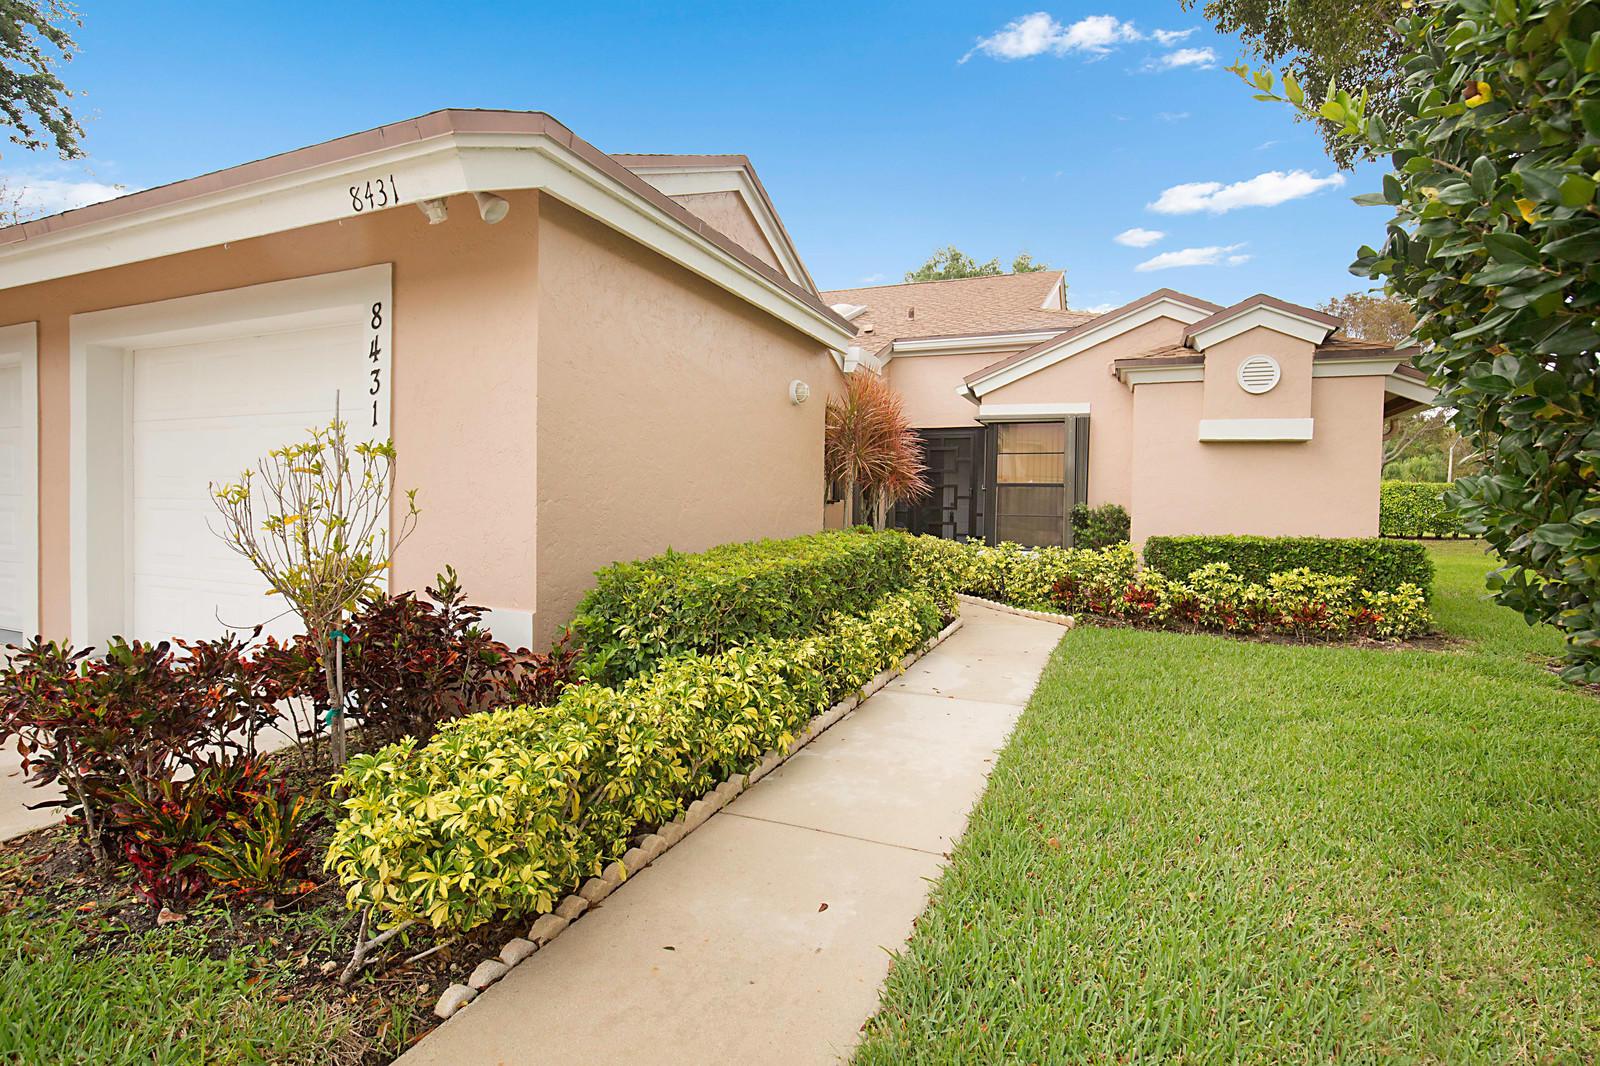 8431 Springlake Drive  Boca Raton FL 33496